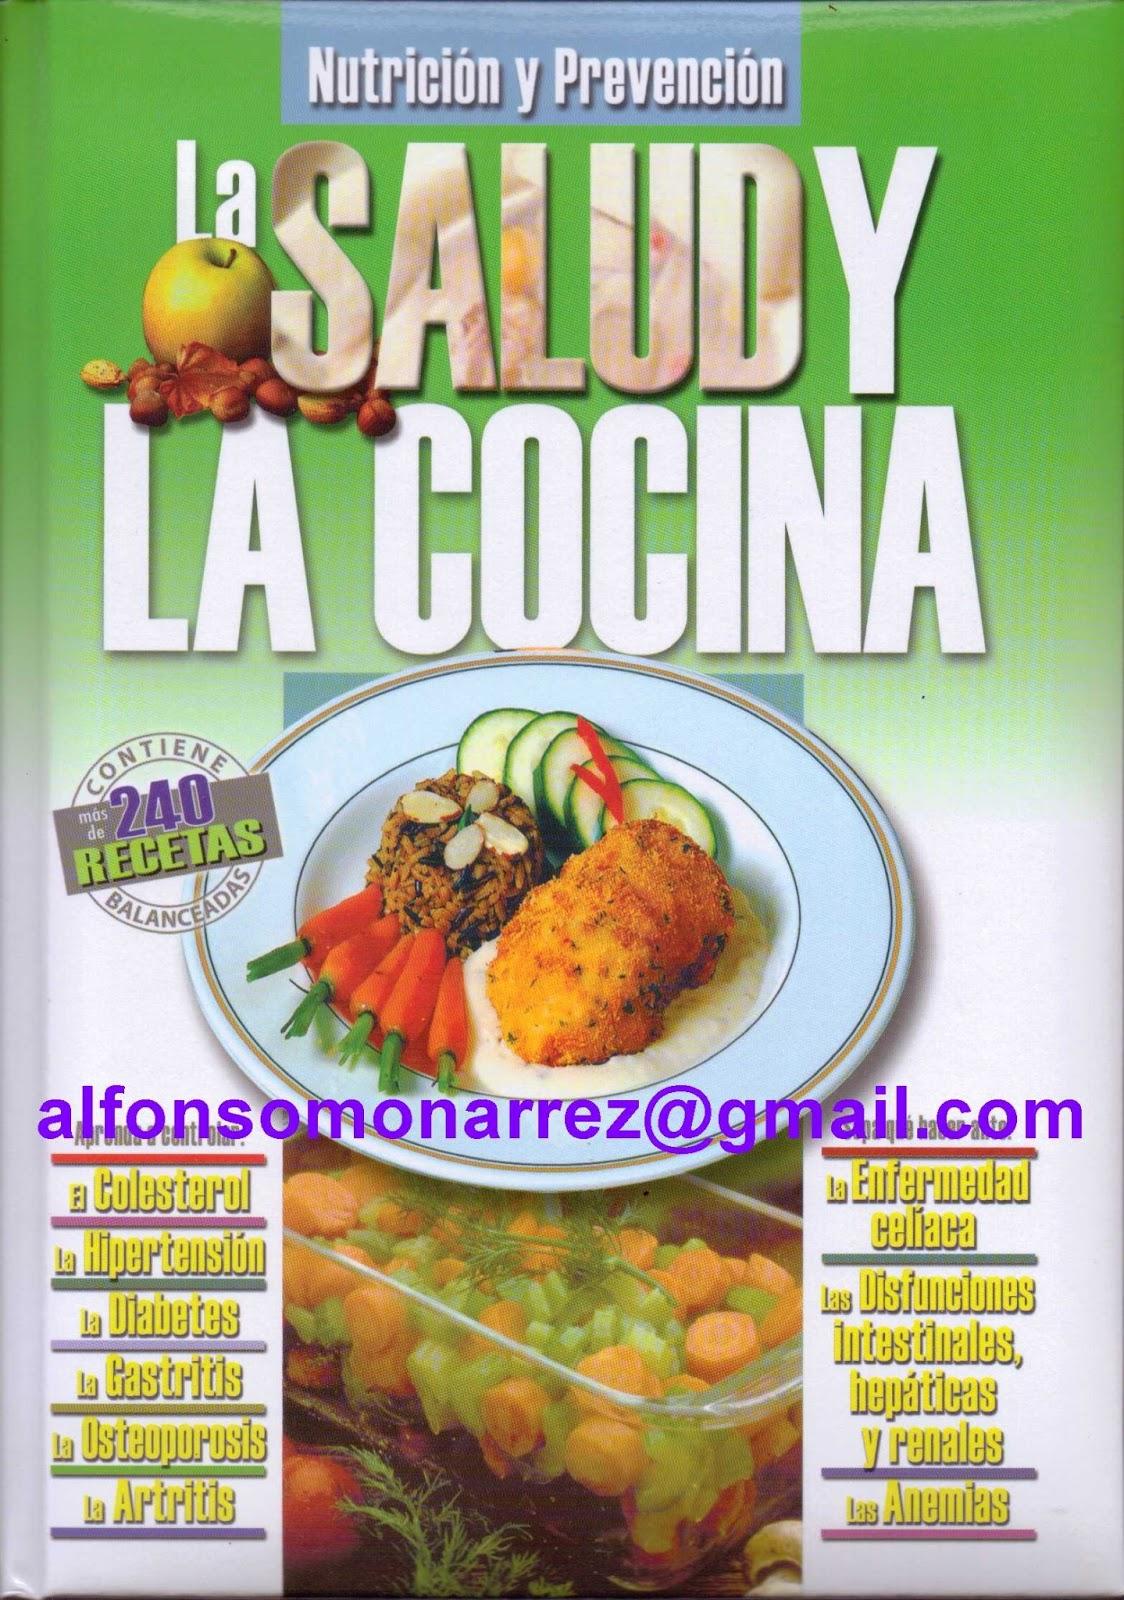 Libros nutrici n prevenci n cocina saludable for Cocina saludable